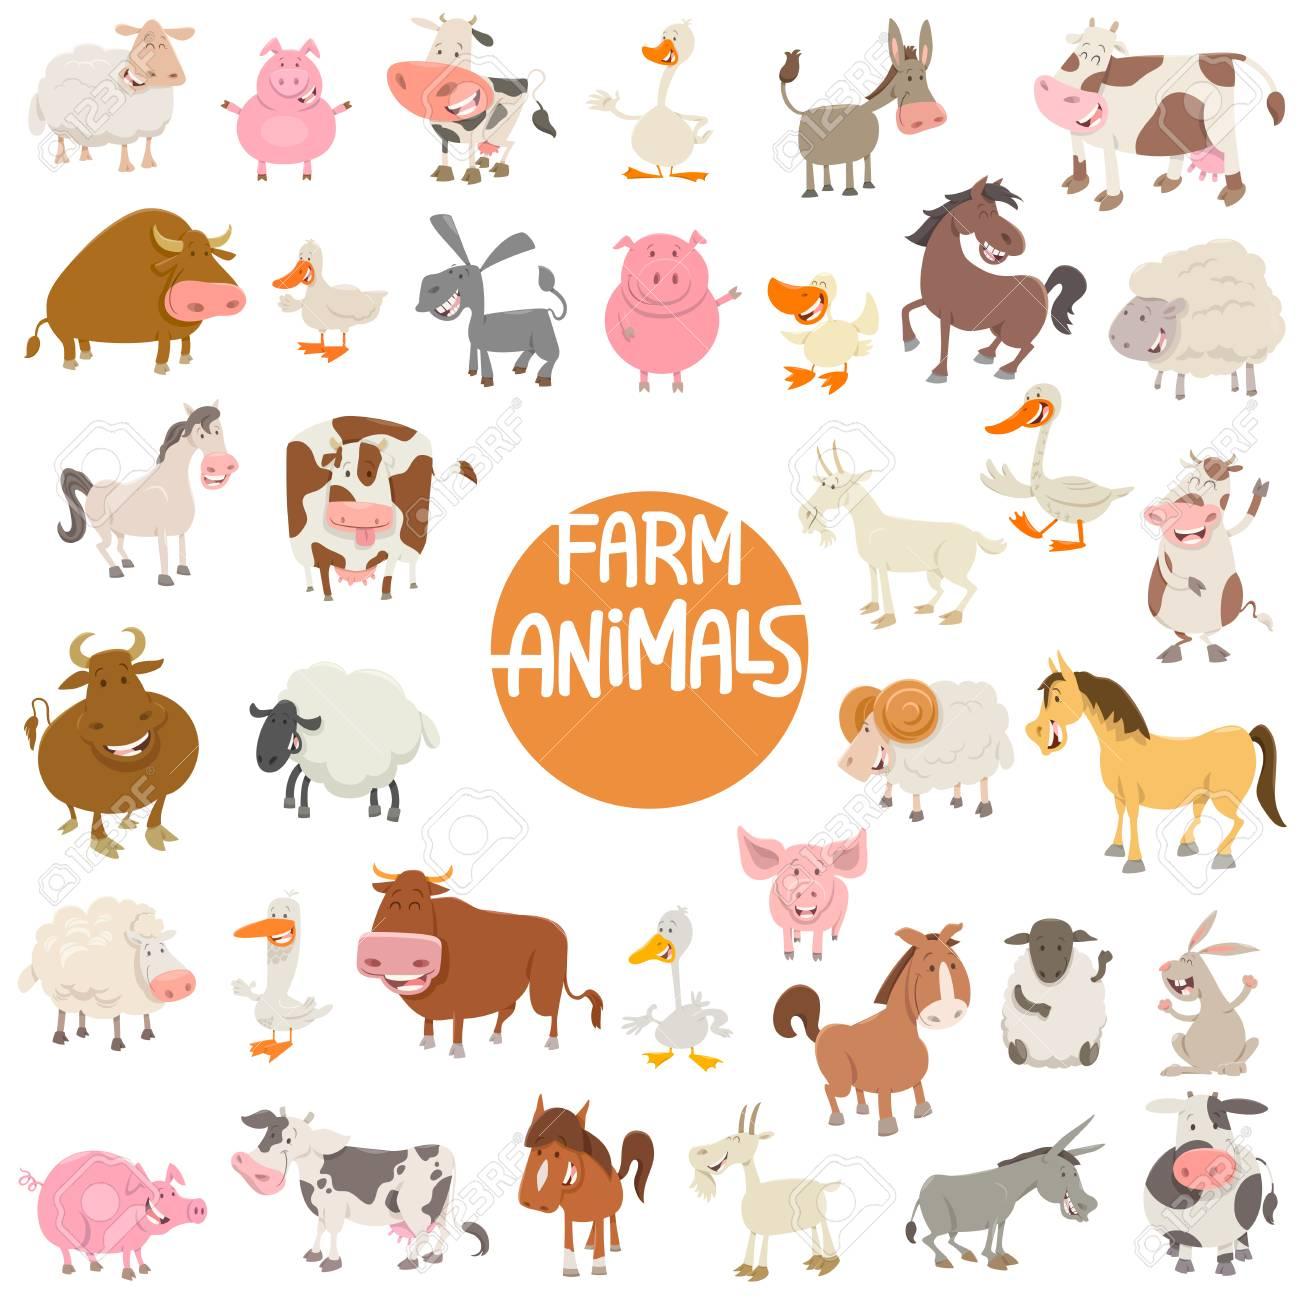 かわいいファーム動物のキャラクター大集合の漫画イラスト ロイヤリティ